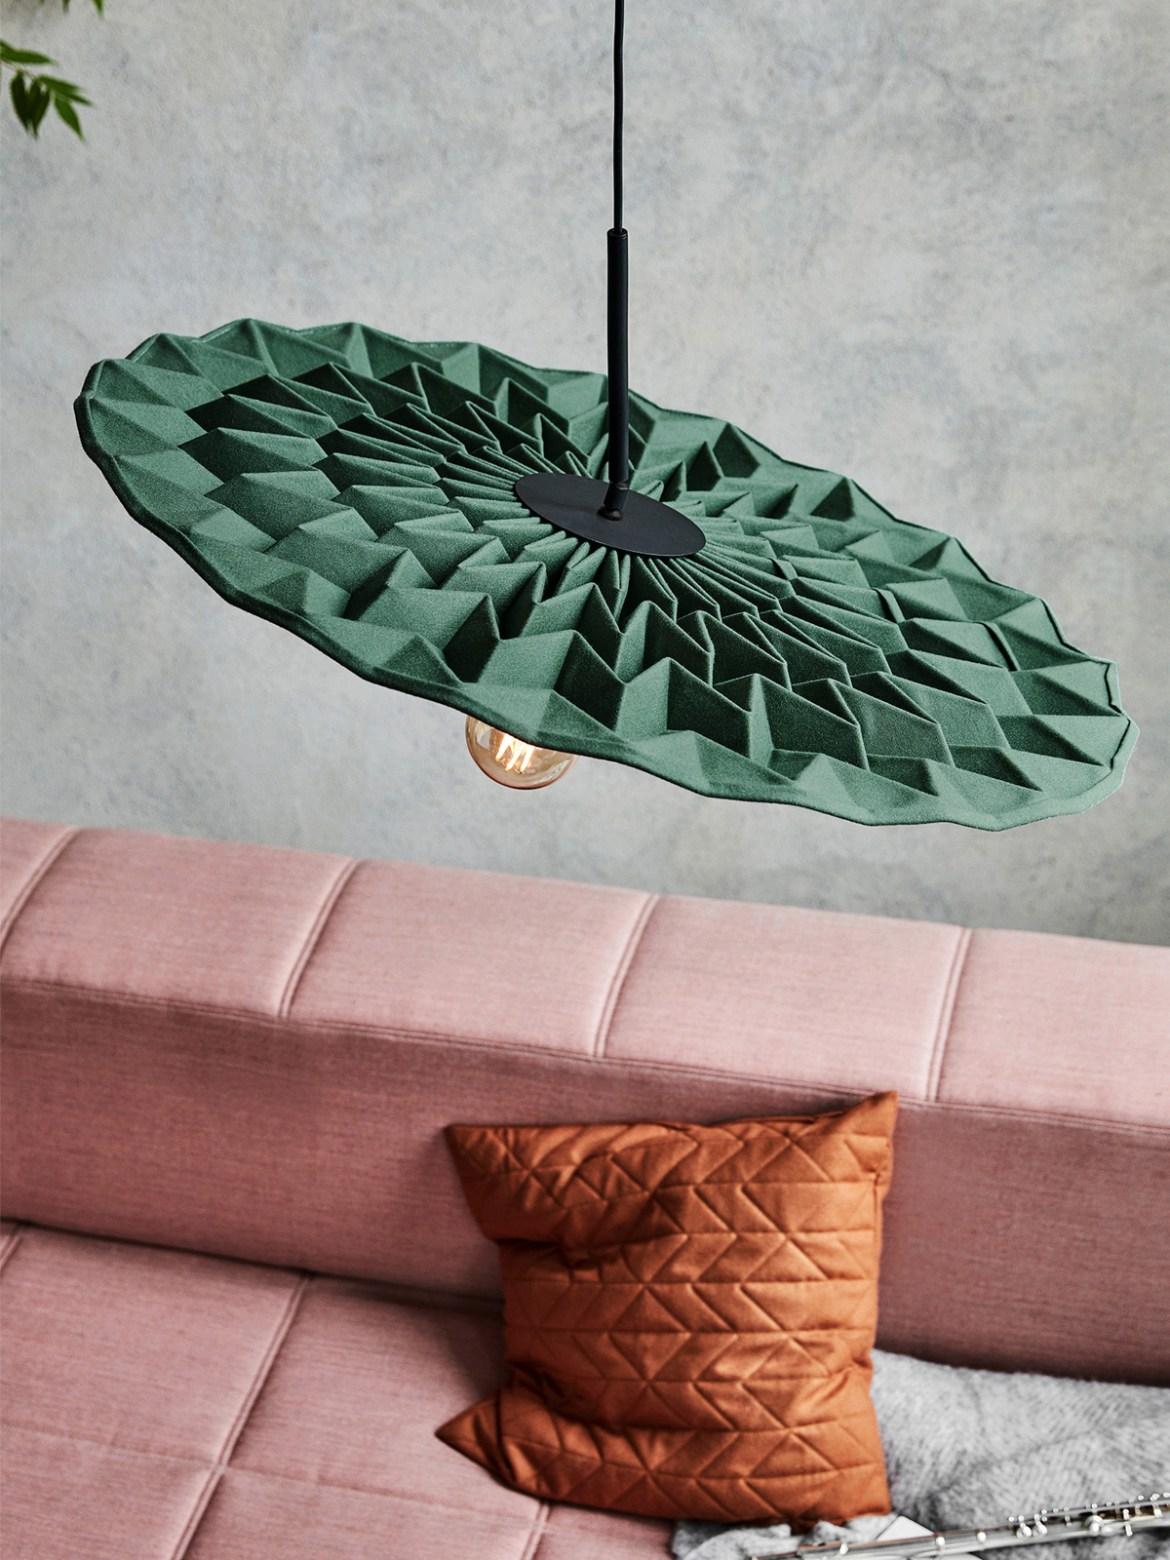 DesignOrt Blog: Trend: Nackte Glühbirne Northern Lighting Fold Lampe aus Wolle - dämmt Schall